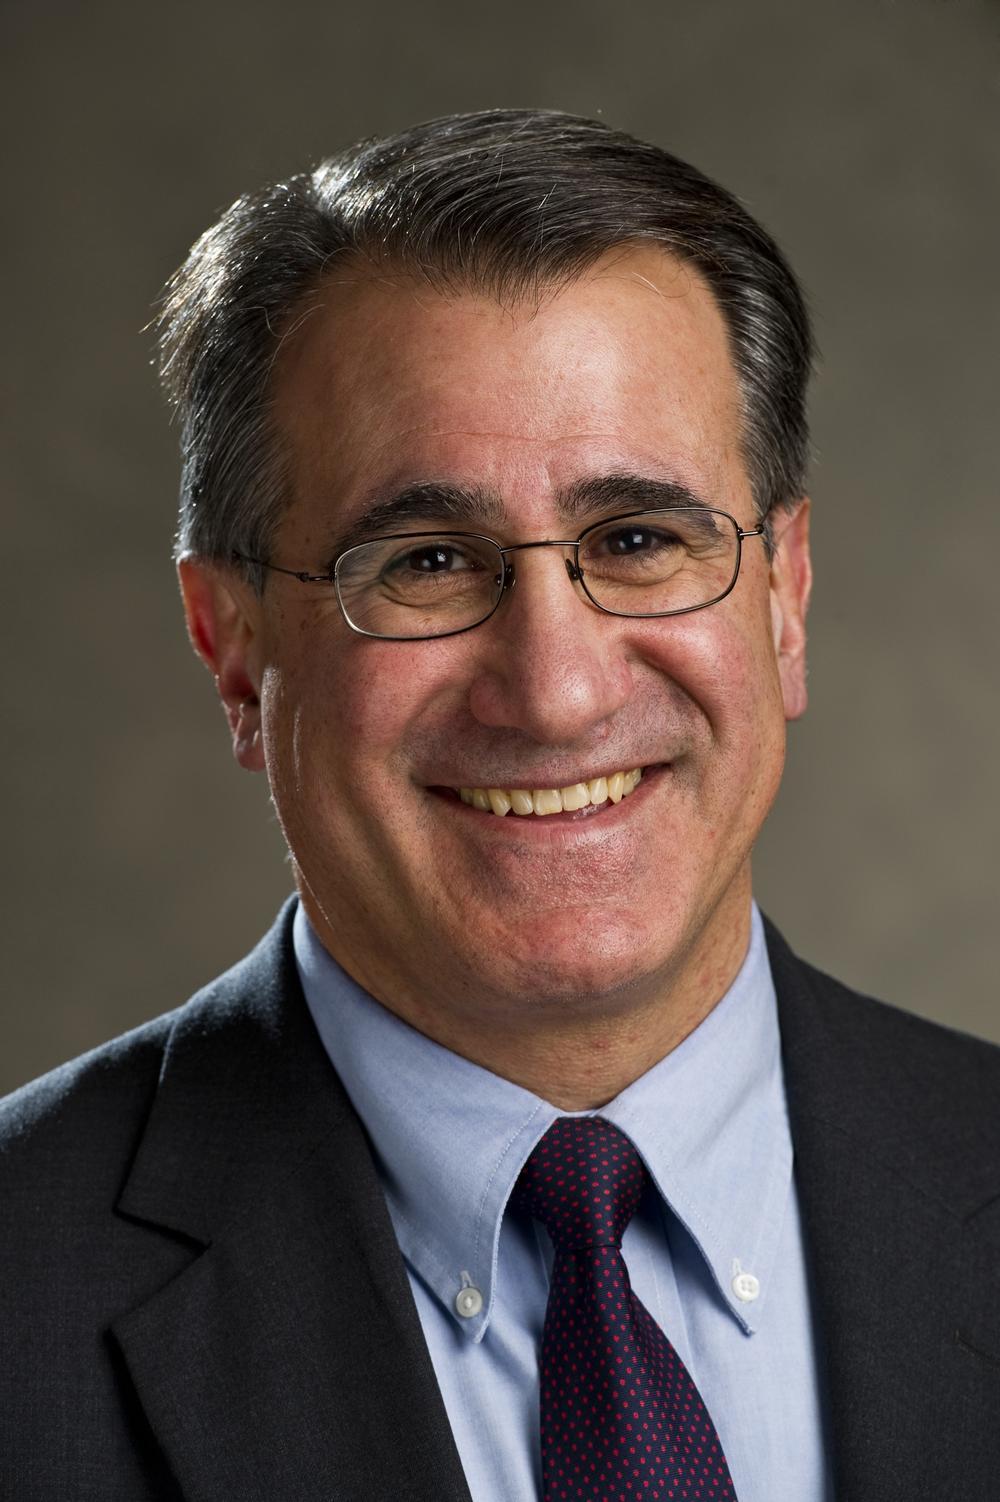 Anthony Monaco (Courtesy of Alonso Nichols/Tufts University)